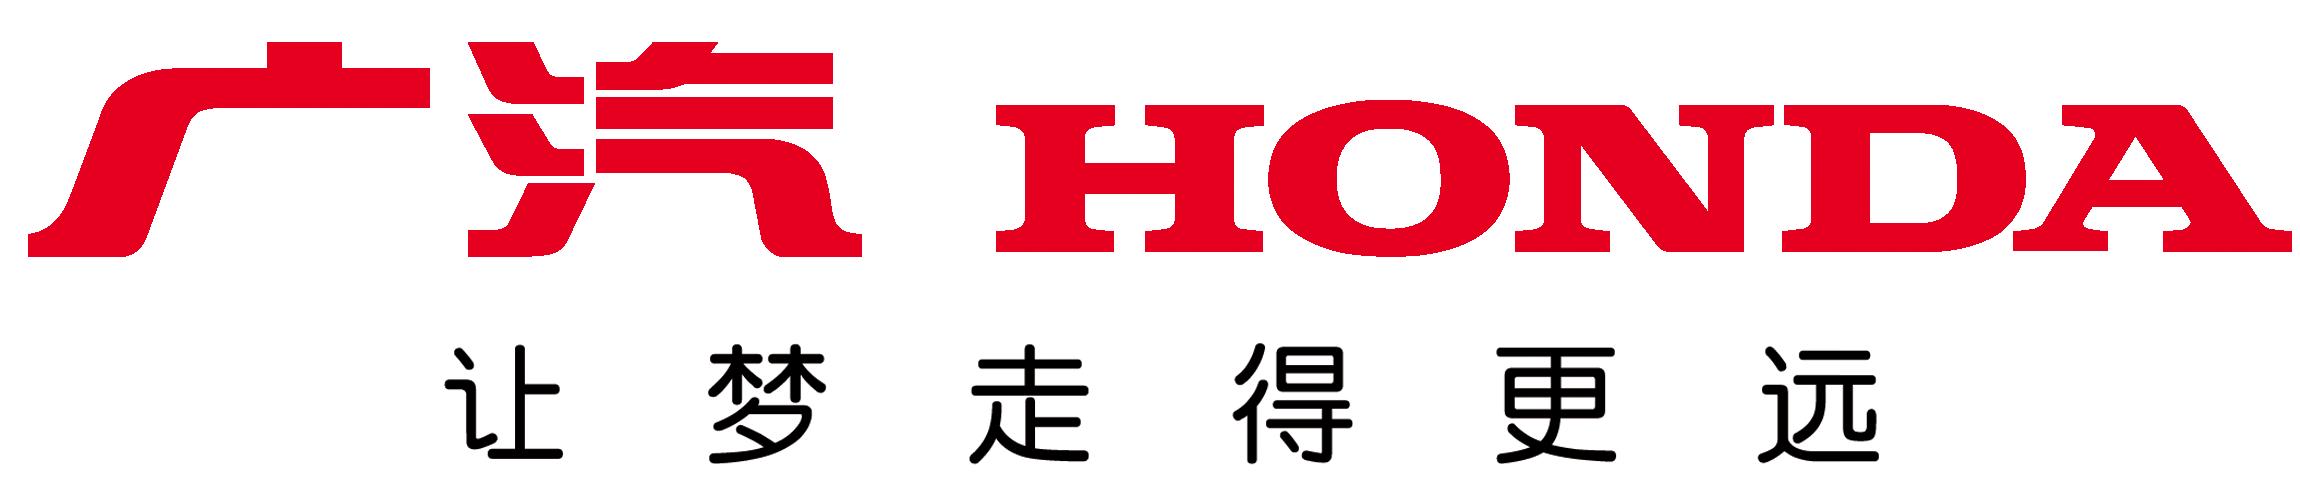 logo 标识 标志 设计 矢量 矢量图 素材 图标 2300_500